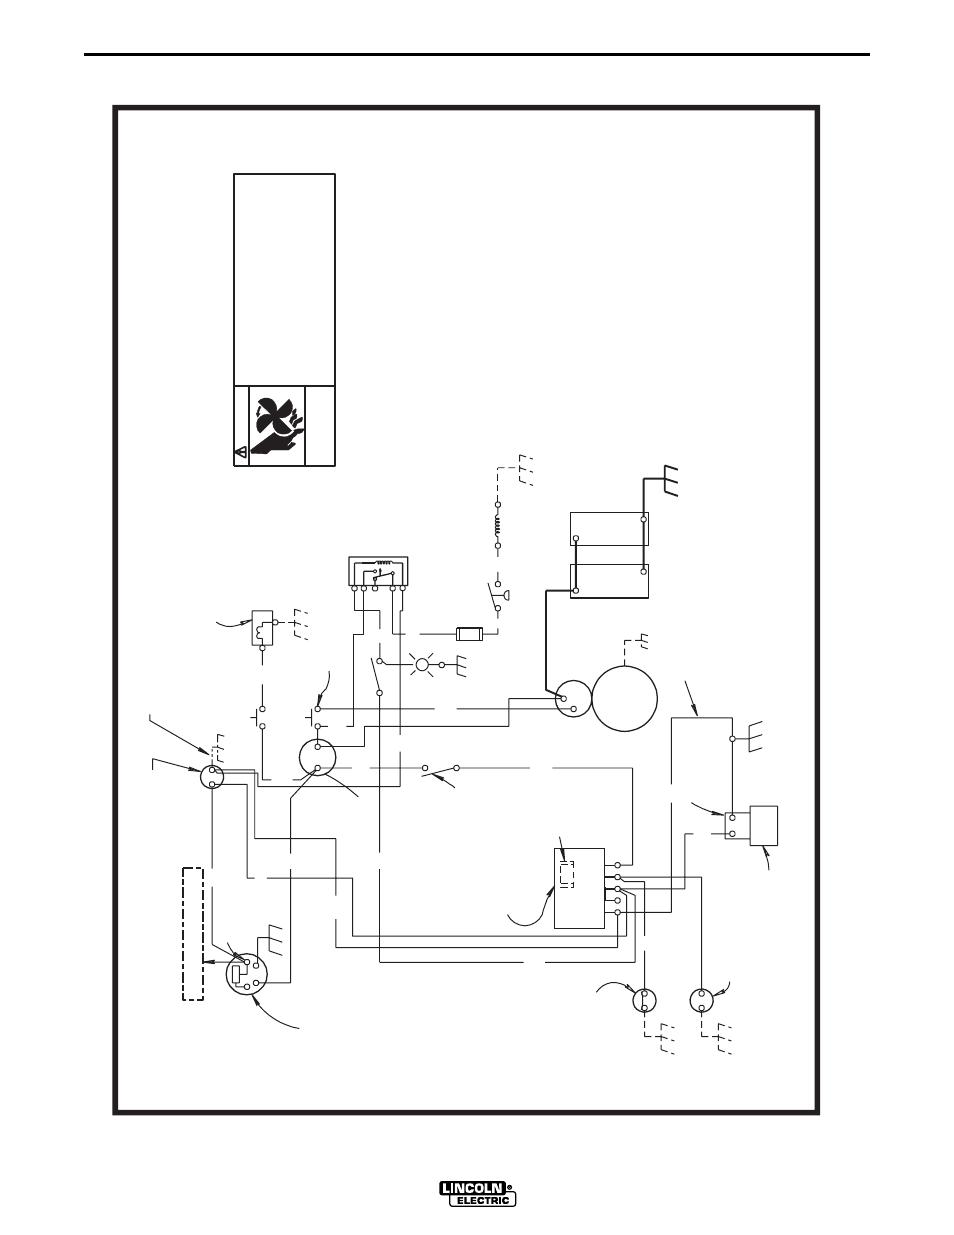 Wiring Diagrams Sae400 Weld N Air Engine Wiring Diagram